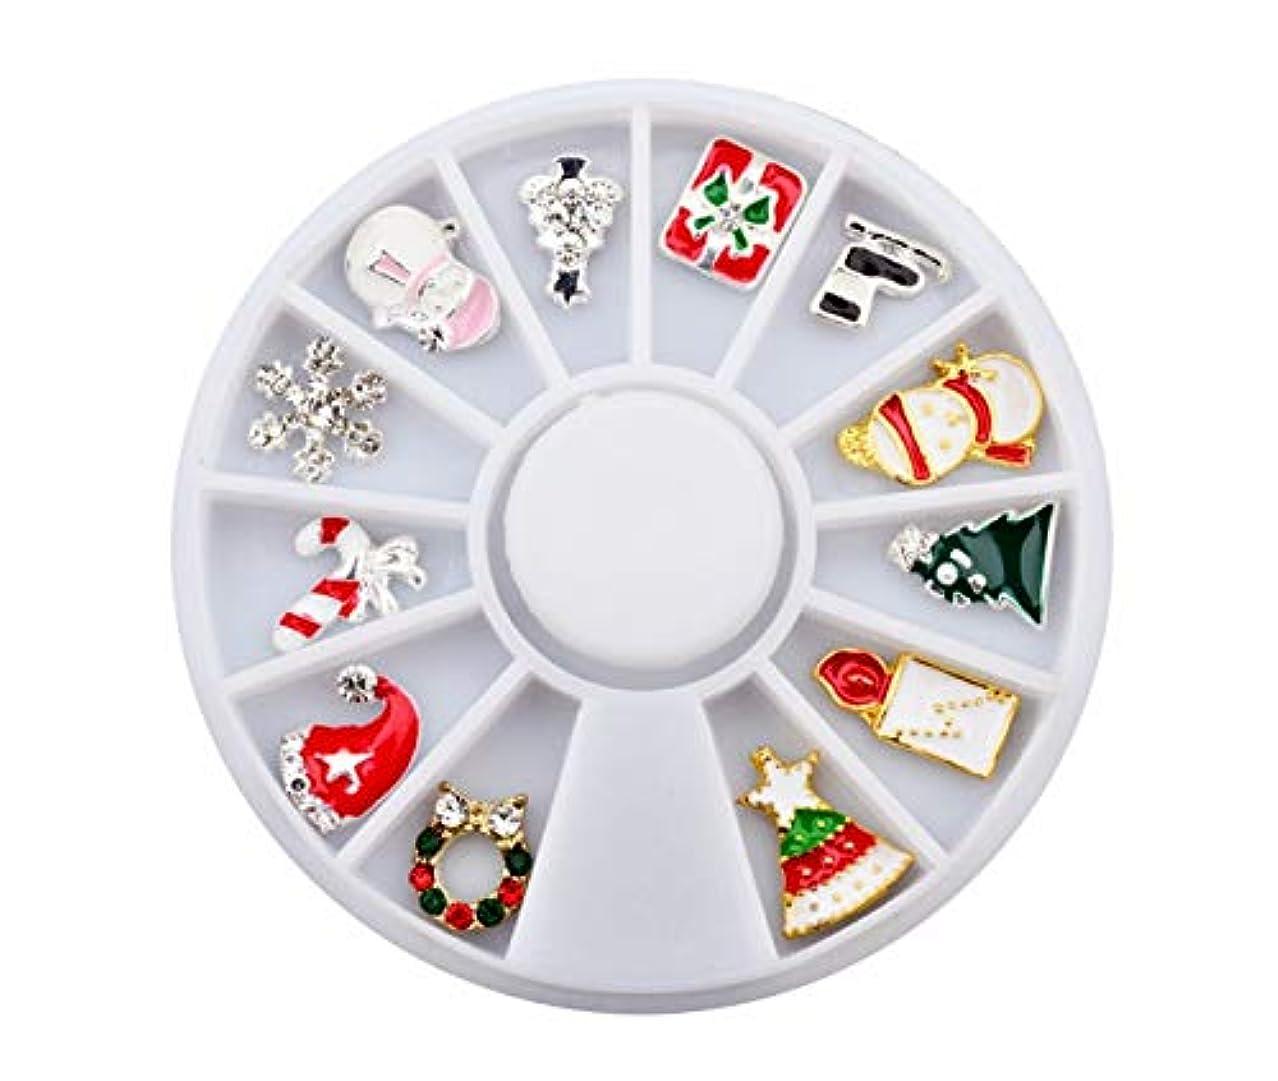 ポルティコペイントスポーツマンTianmey クリスマスフェイク釘金属の3DダイヤモンドDIYネイルアートクリスマスの装飾ホリデー付け爪グリッターラインストーンネイル用品ジュエリー